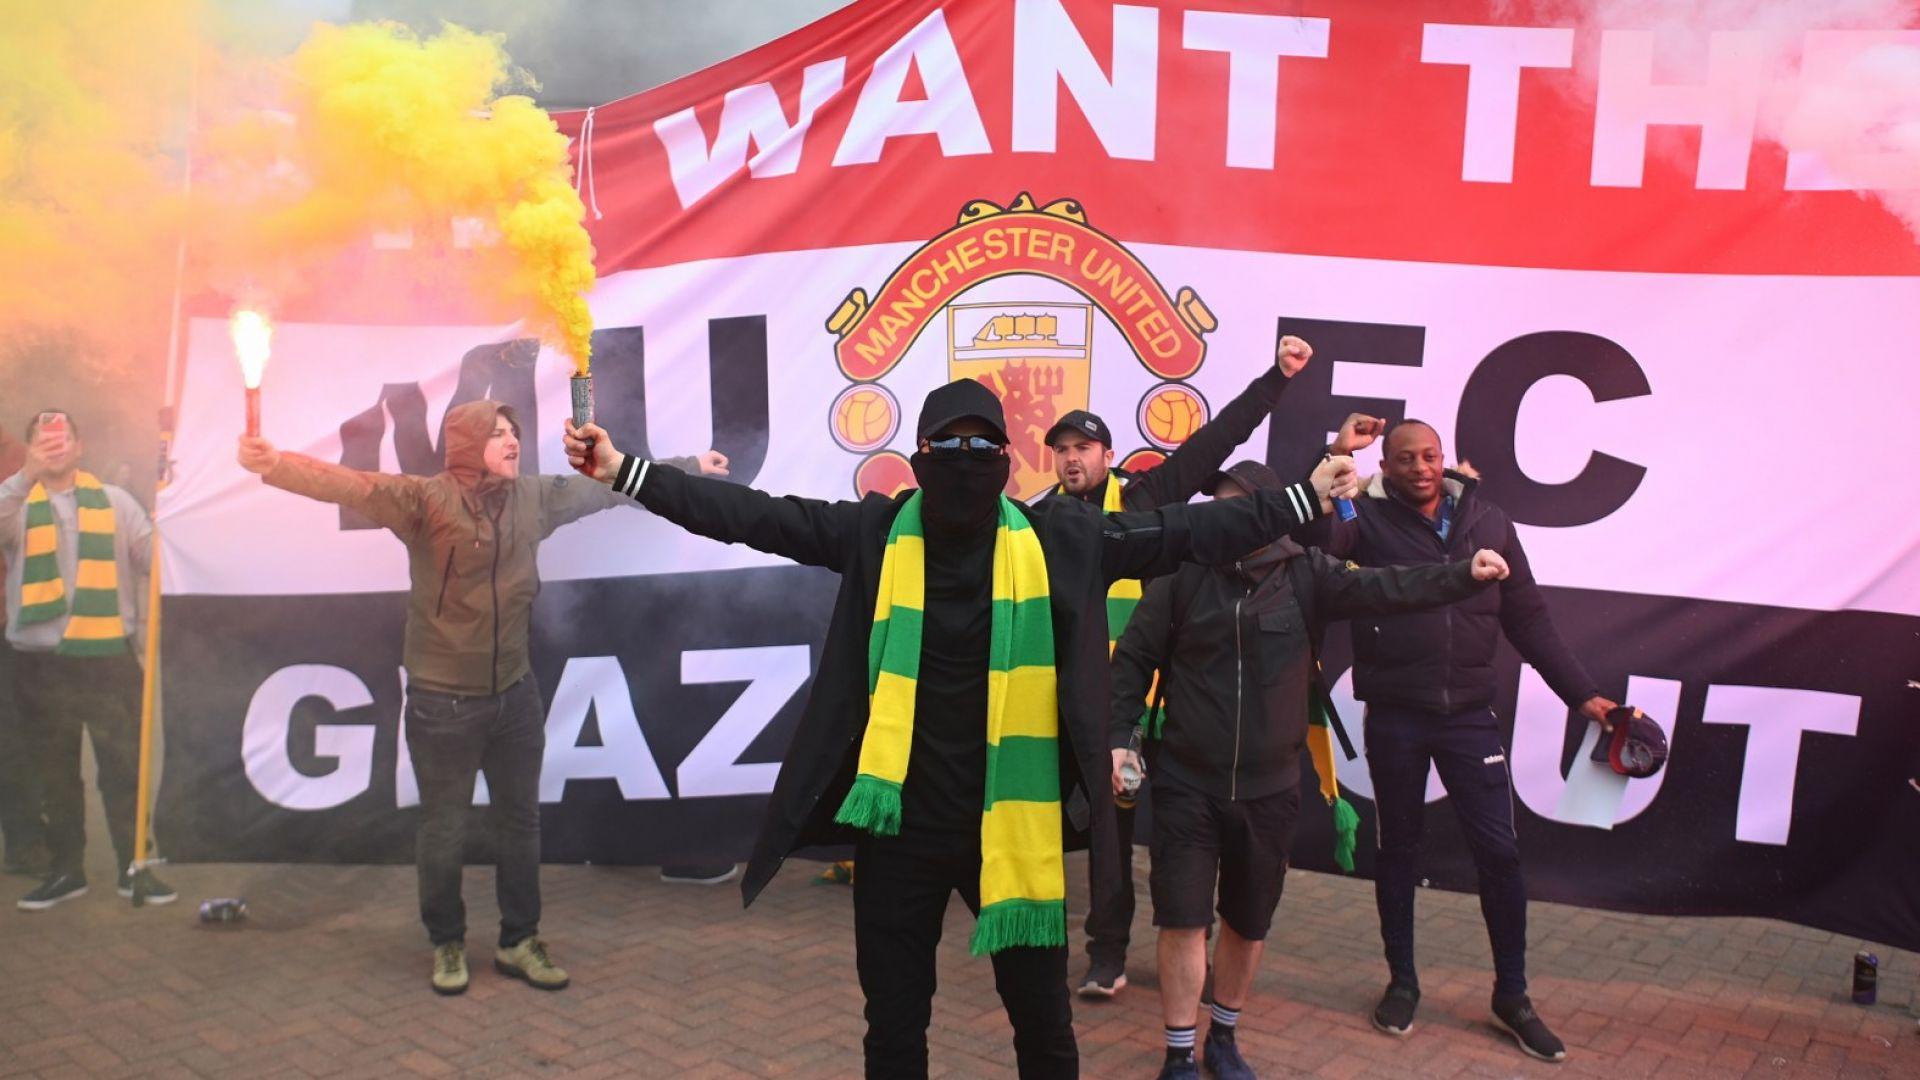 Феновете на Юнайтед изложиха исканията си след вчерашните протести